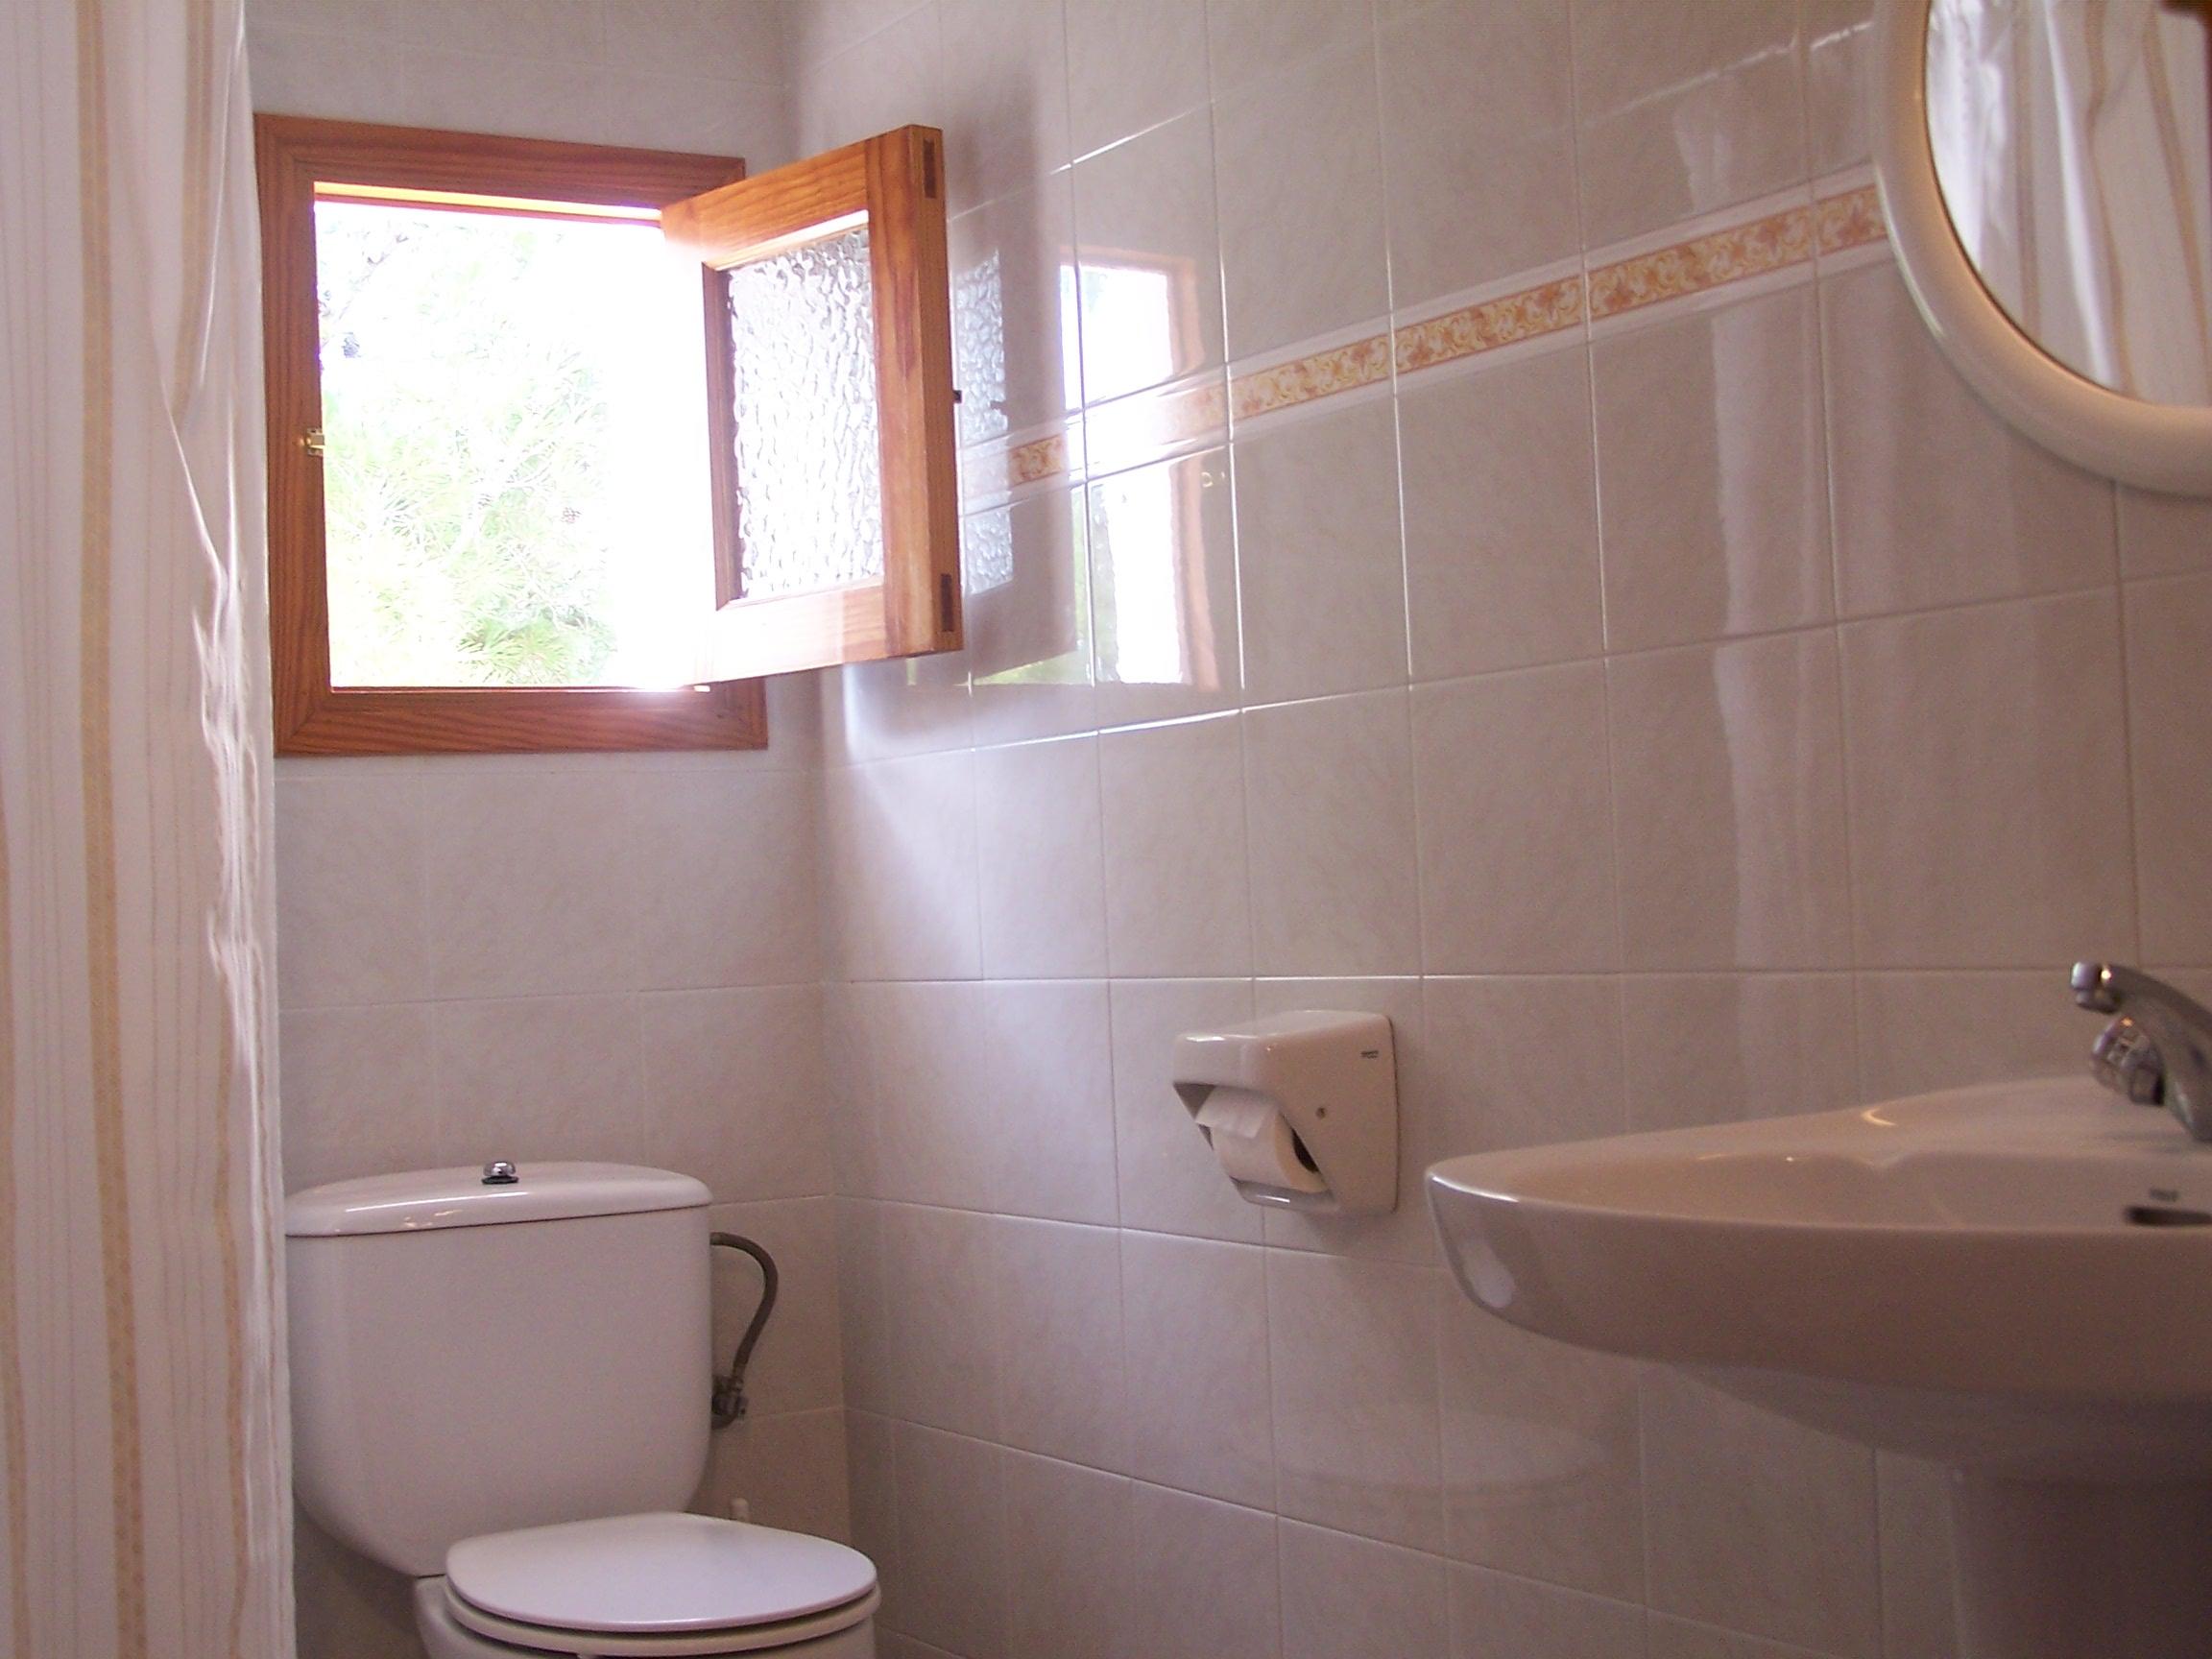 Baño en apartamento vacacional en Formentera. Alojamientos turísticos Cardona. Es Pujols.